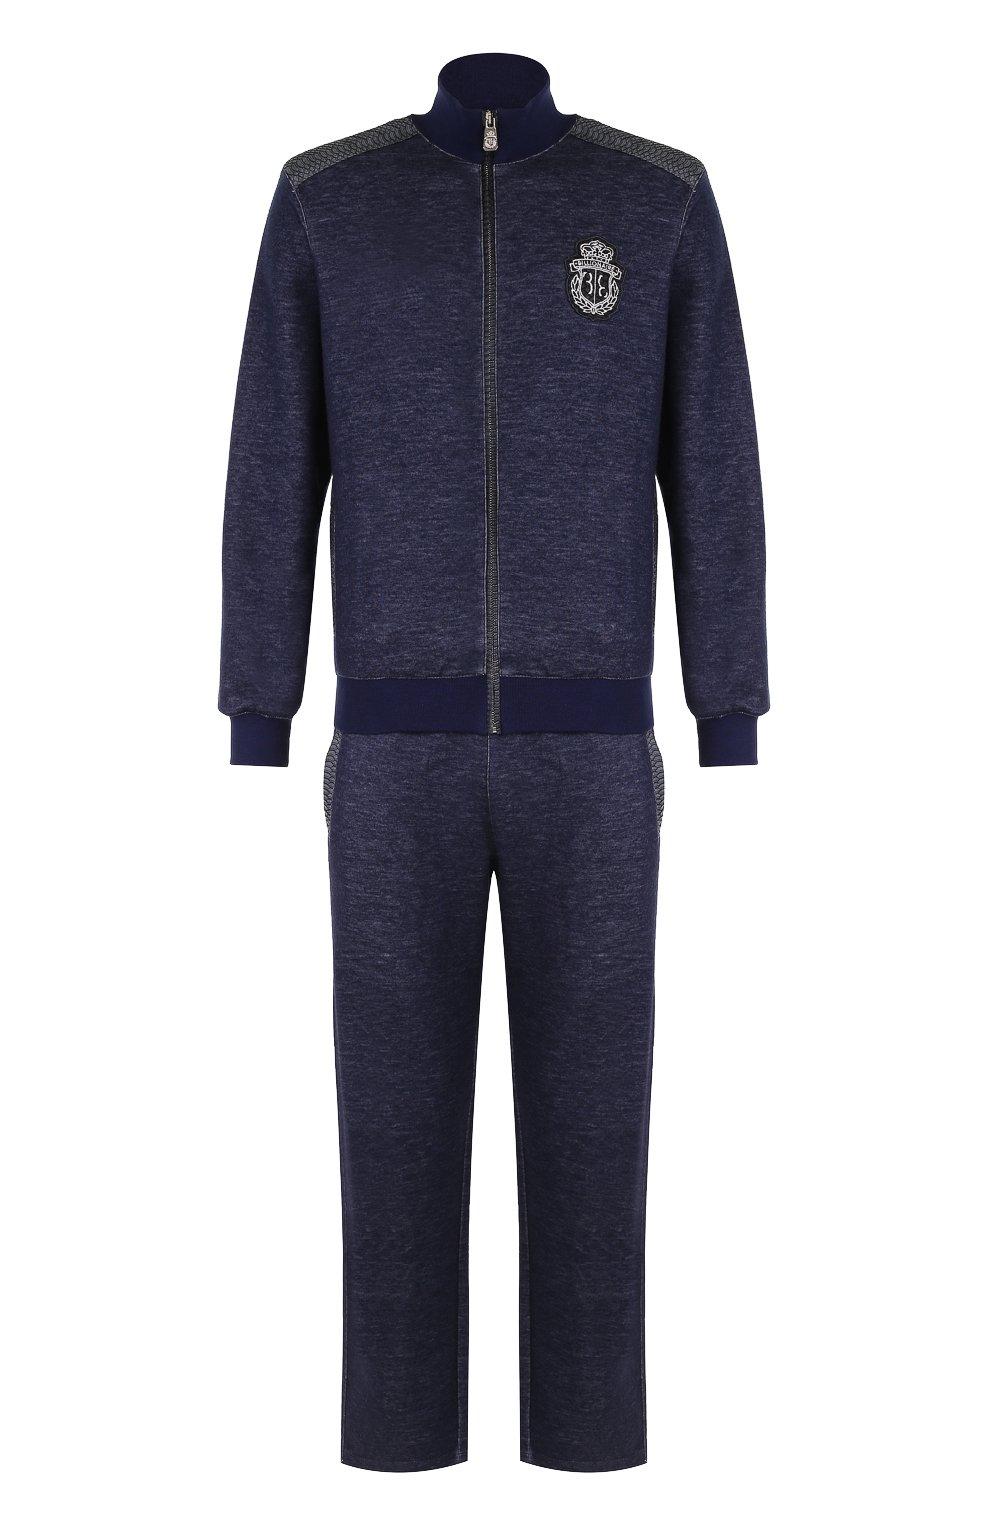 Кашемировый спортивный костюм BILLIONAIRE темно-синего цвета ... 66333316b6a